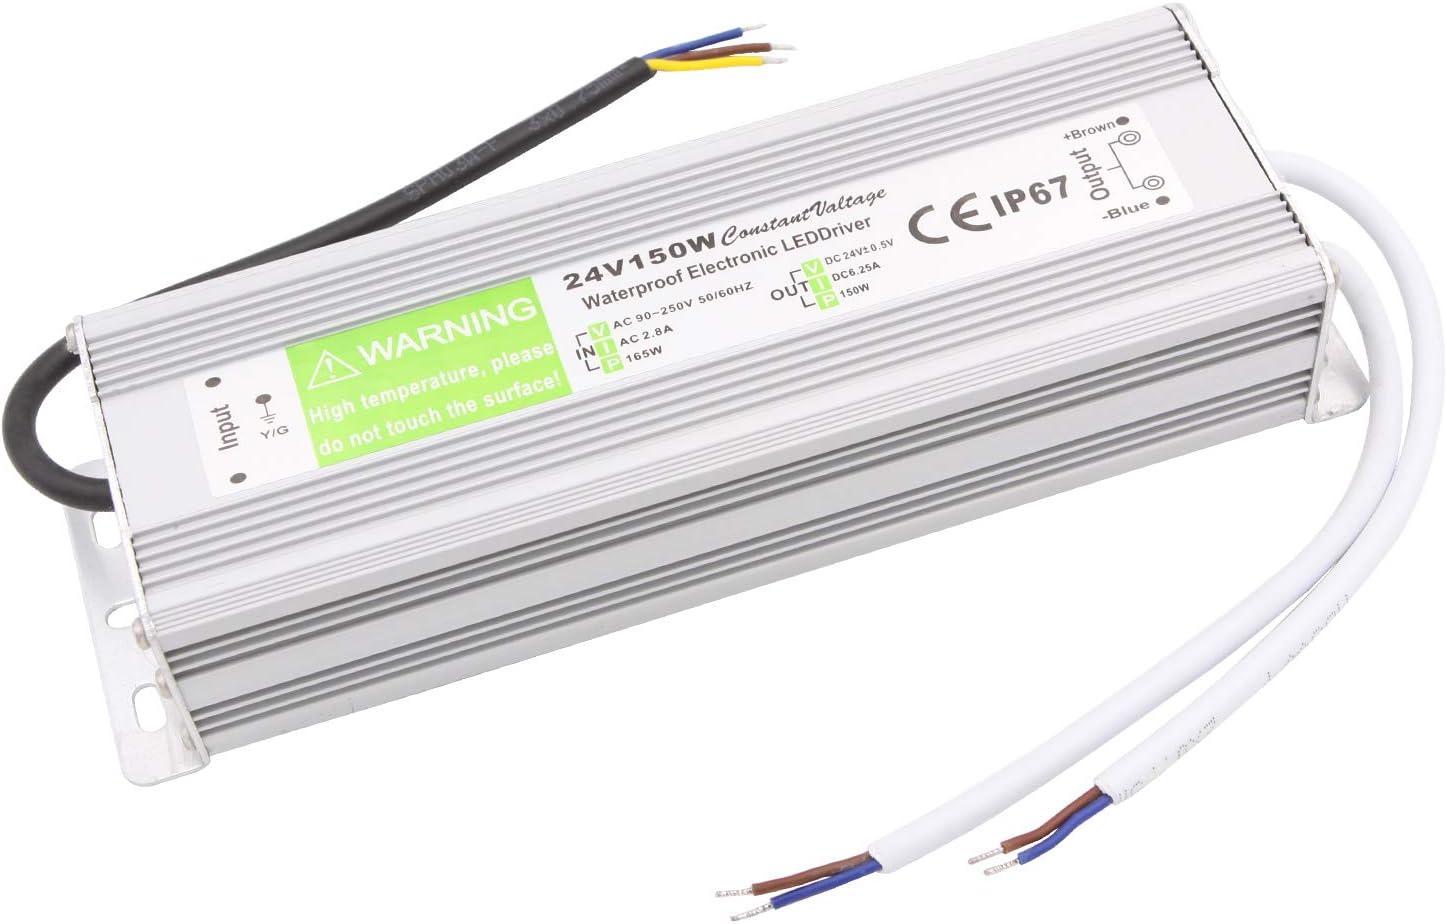 NCL Controlador de Exterior Resistente al Agua 24V 6.25A Transformador decontrolador LED de 150W AC 100-240V a CC 24V Transformador IP67Resistente al Agua para Productos de Interior y Exterior de 24V